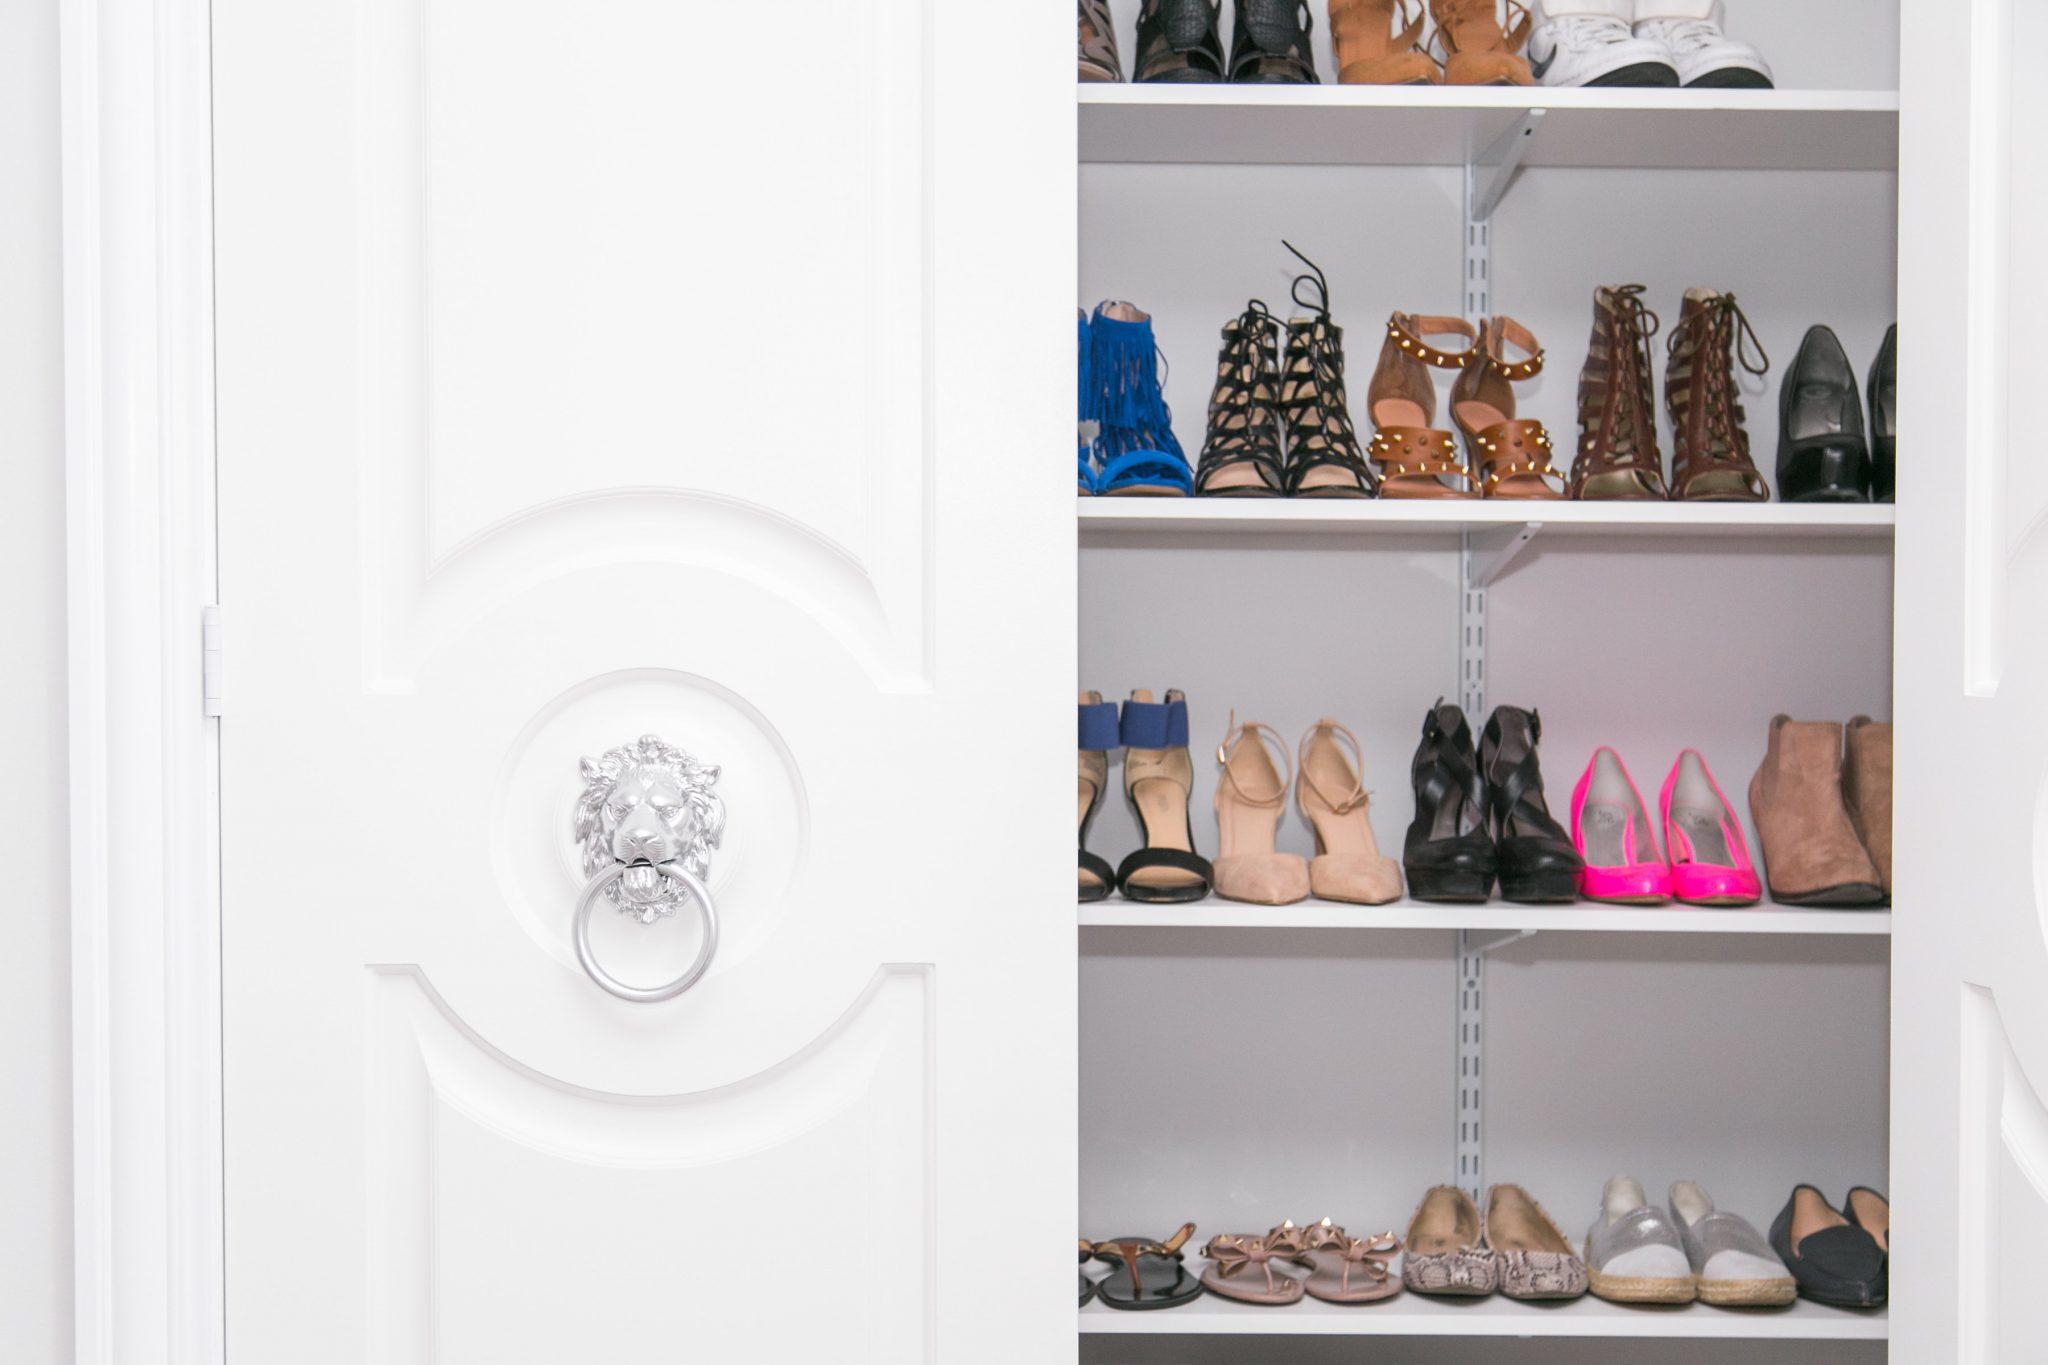 Dream Shoe Closet sparkleshinylove